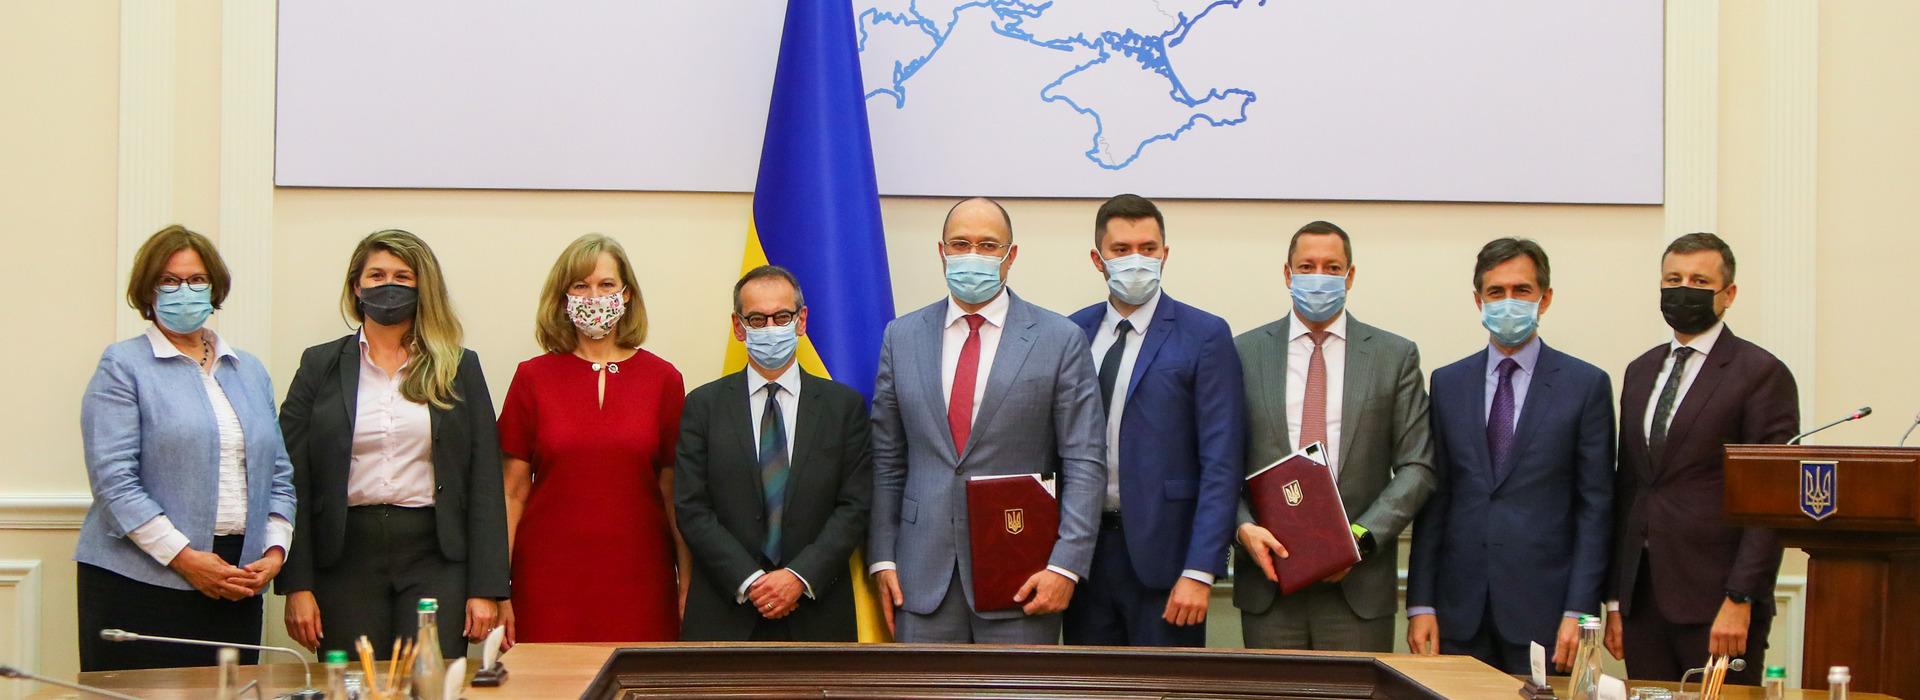 ЄБРР, АМР США та Американська торговельна палата допомагають Україні в розвитку ринків капіталу та організованих товарно-сировинних ринків